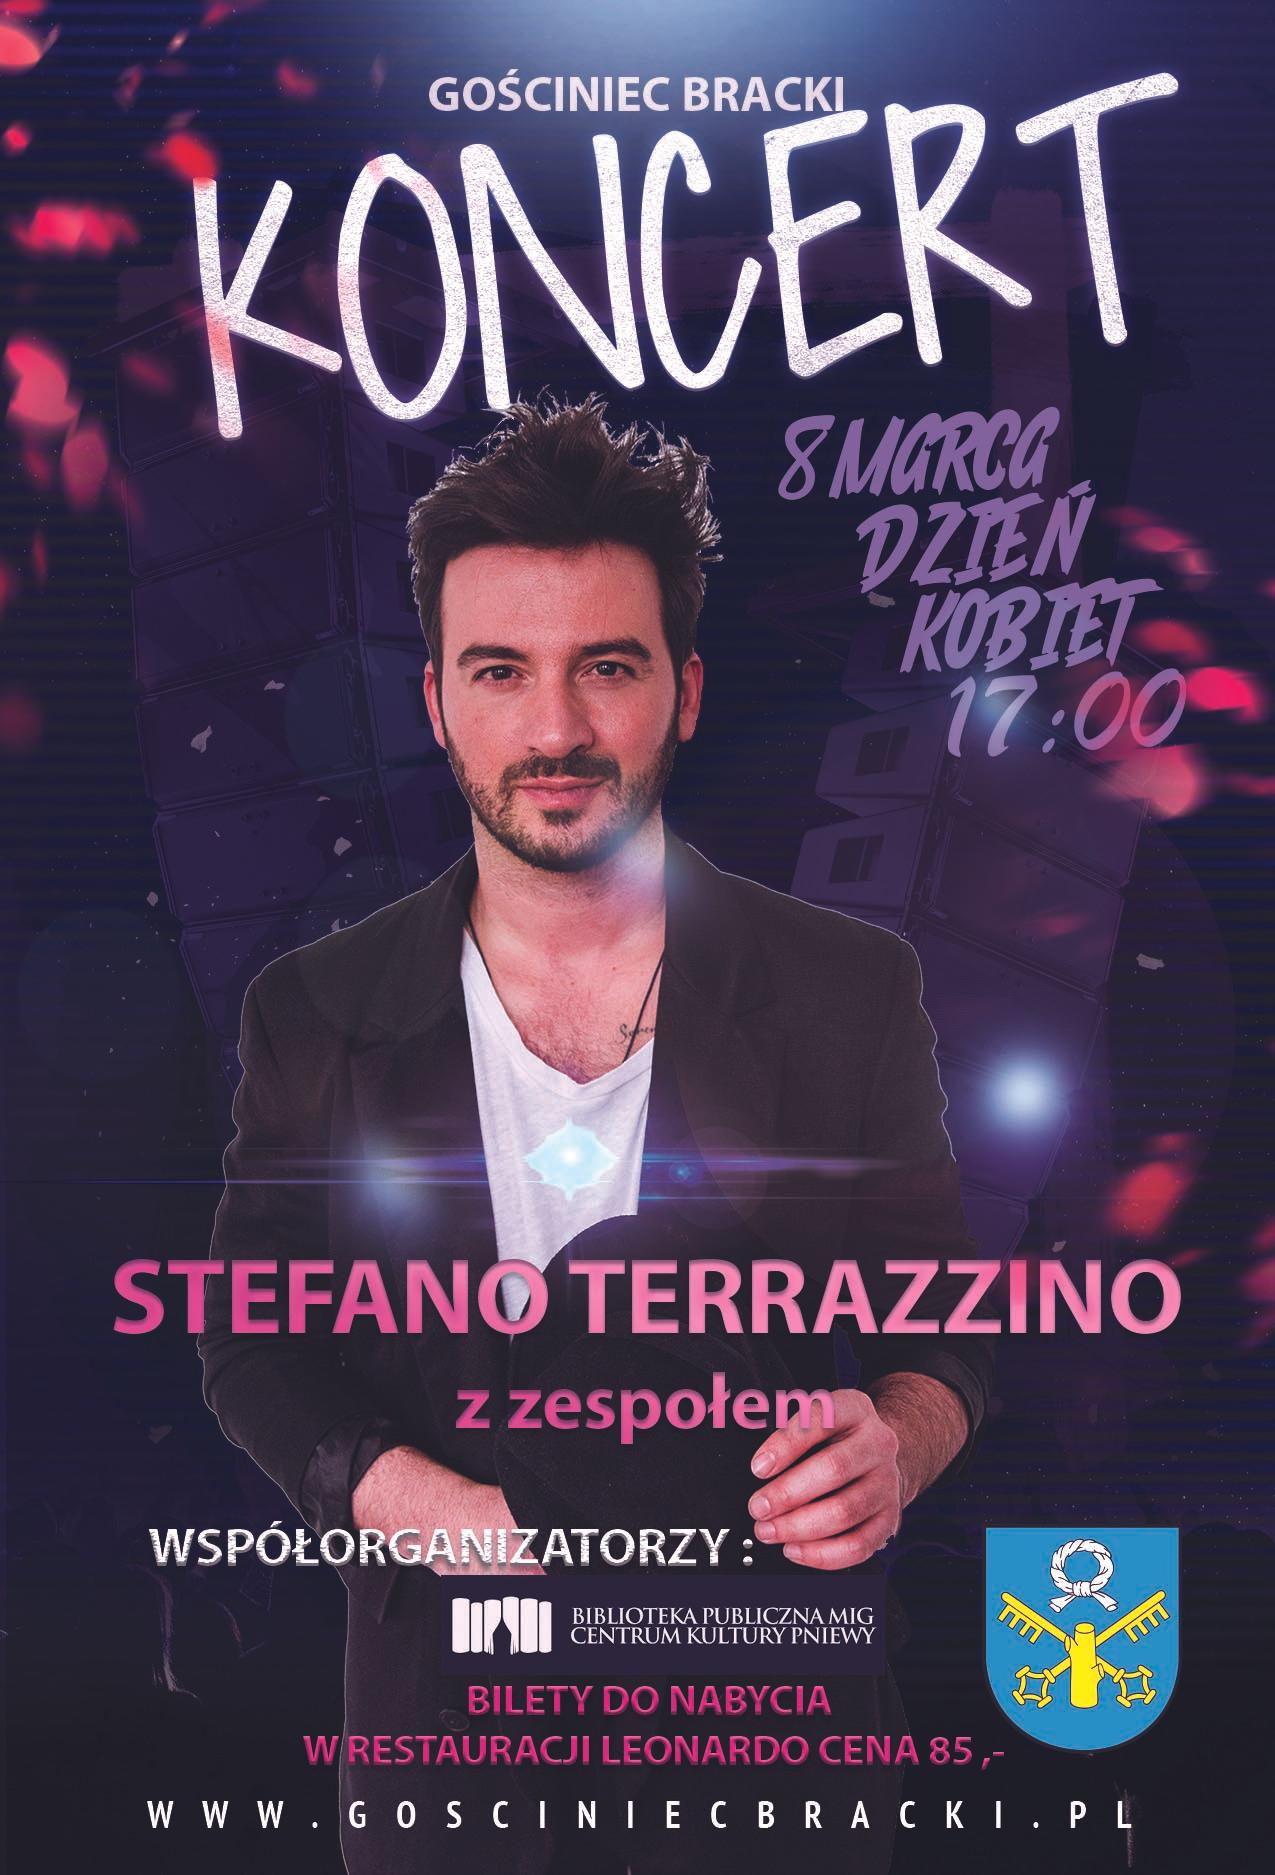 Koncert Stefano Terrazzino